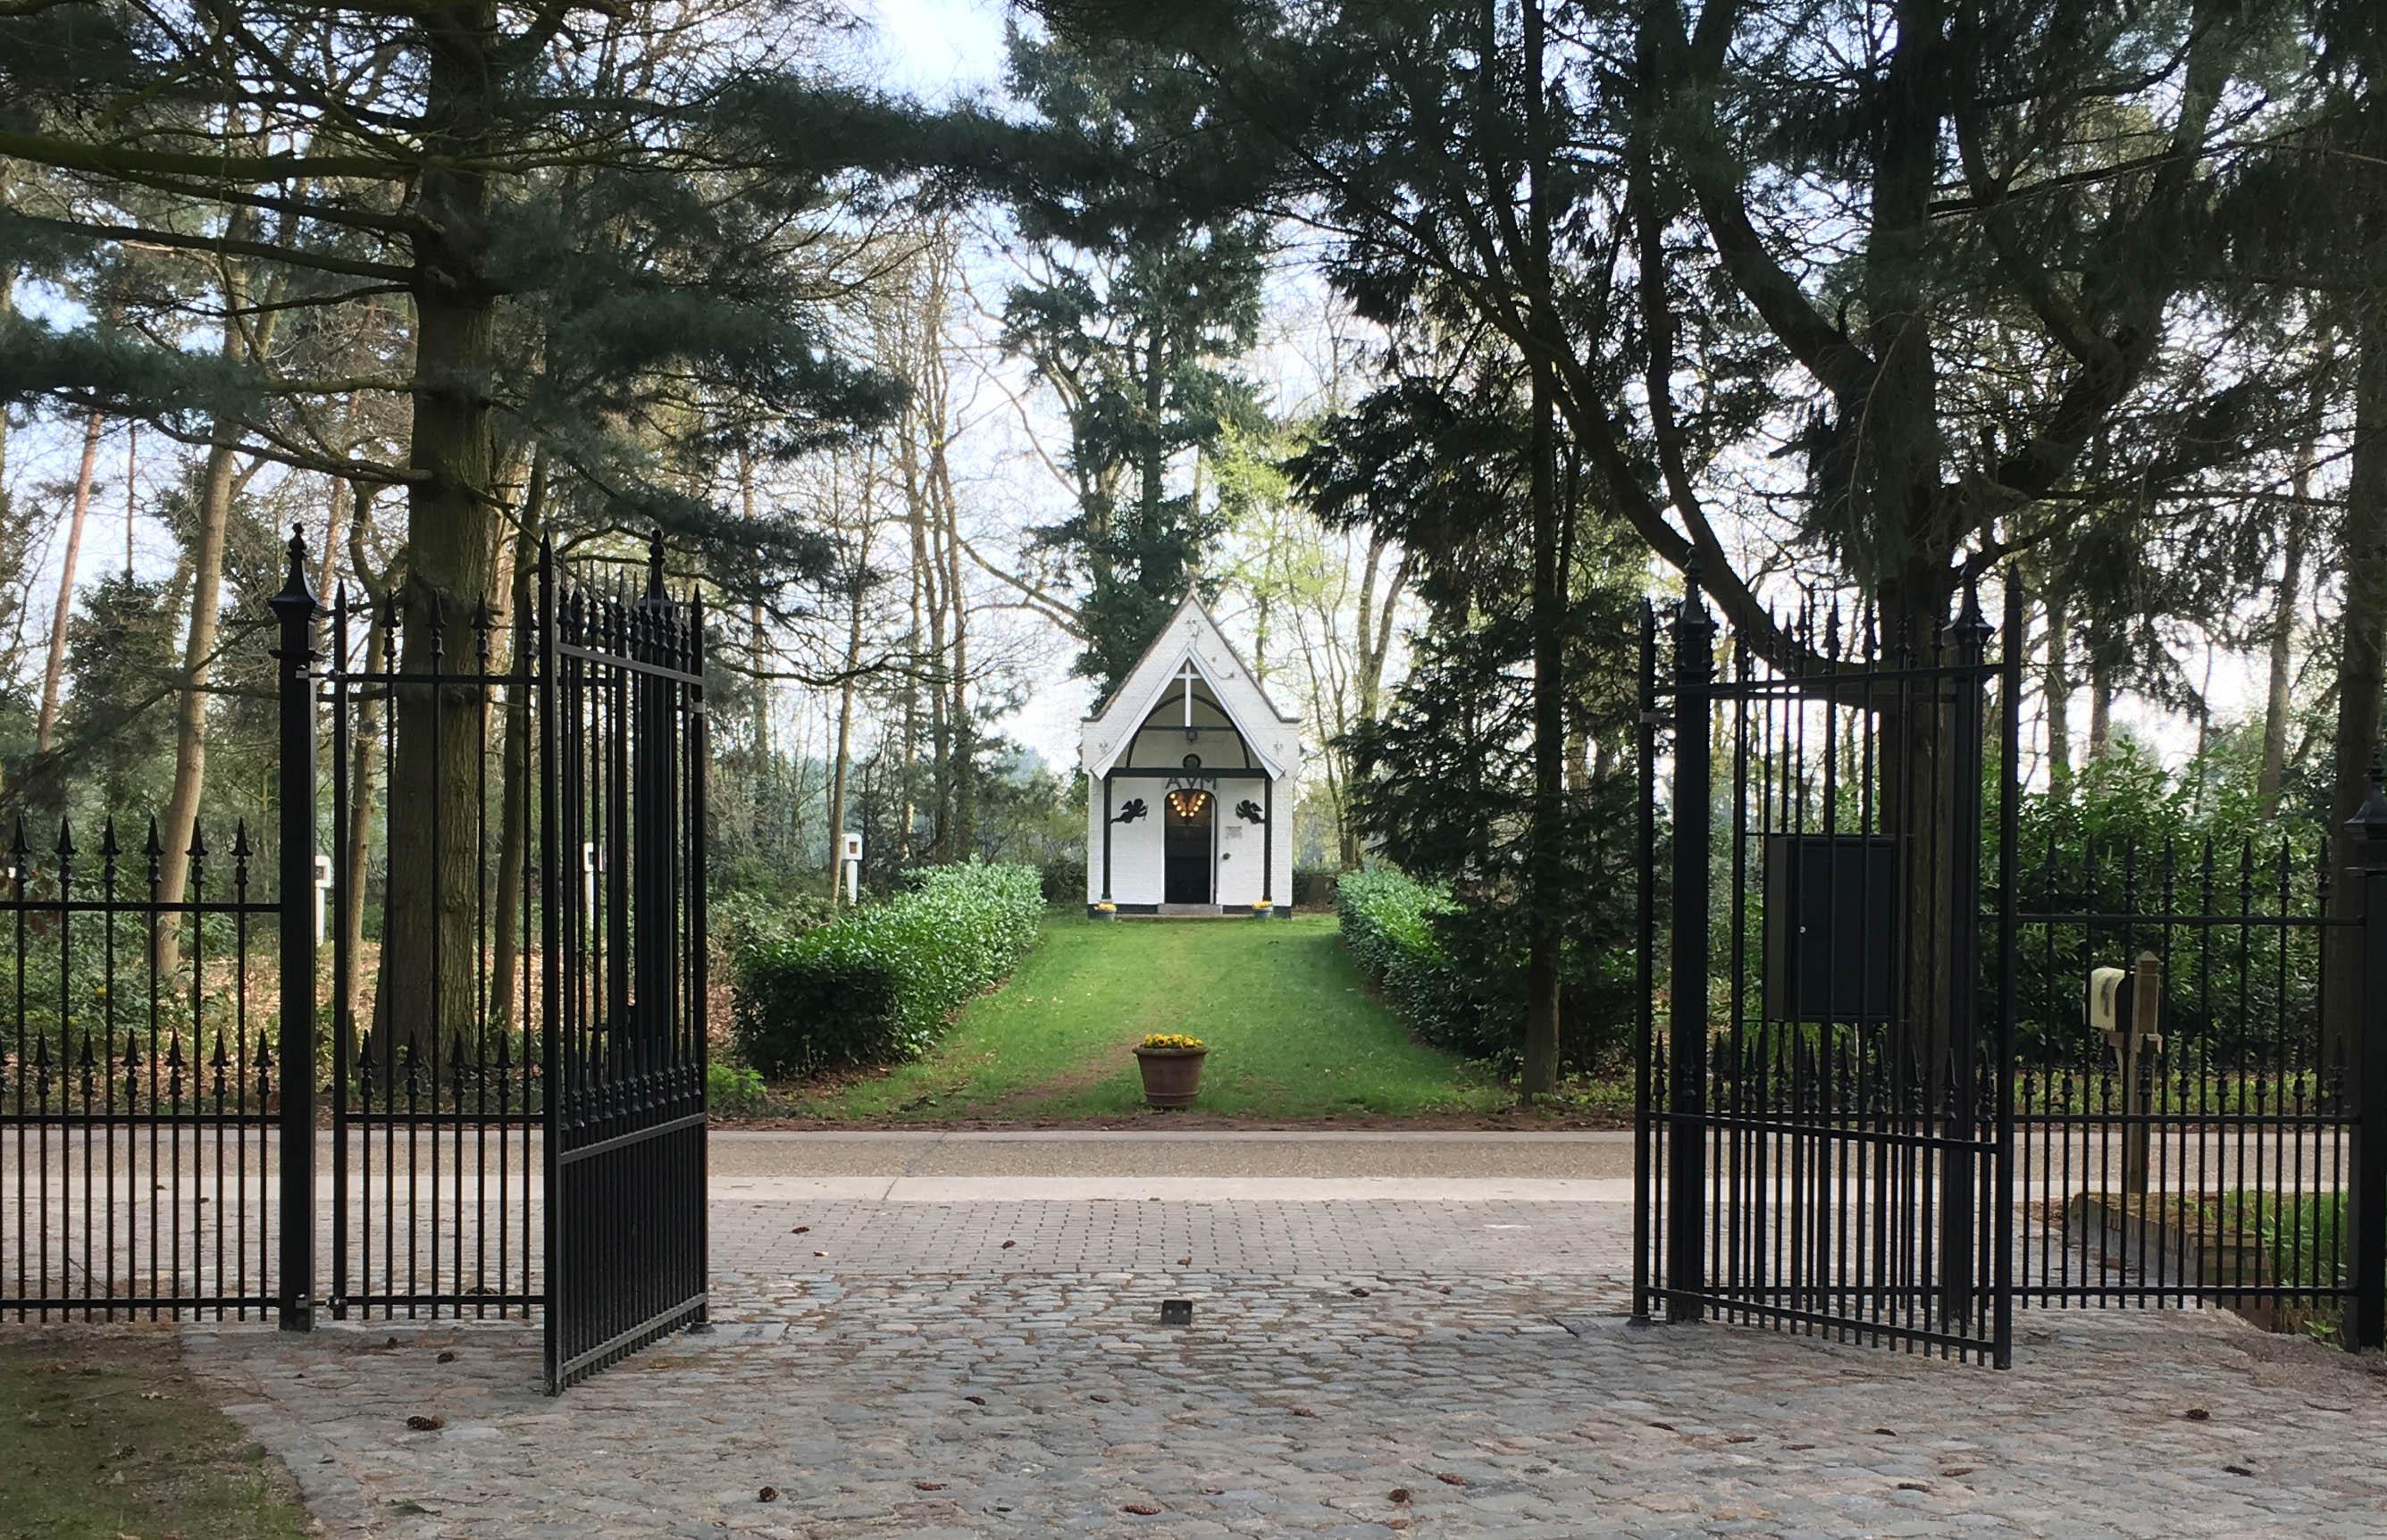 The domain - Domein Rodin